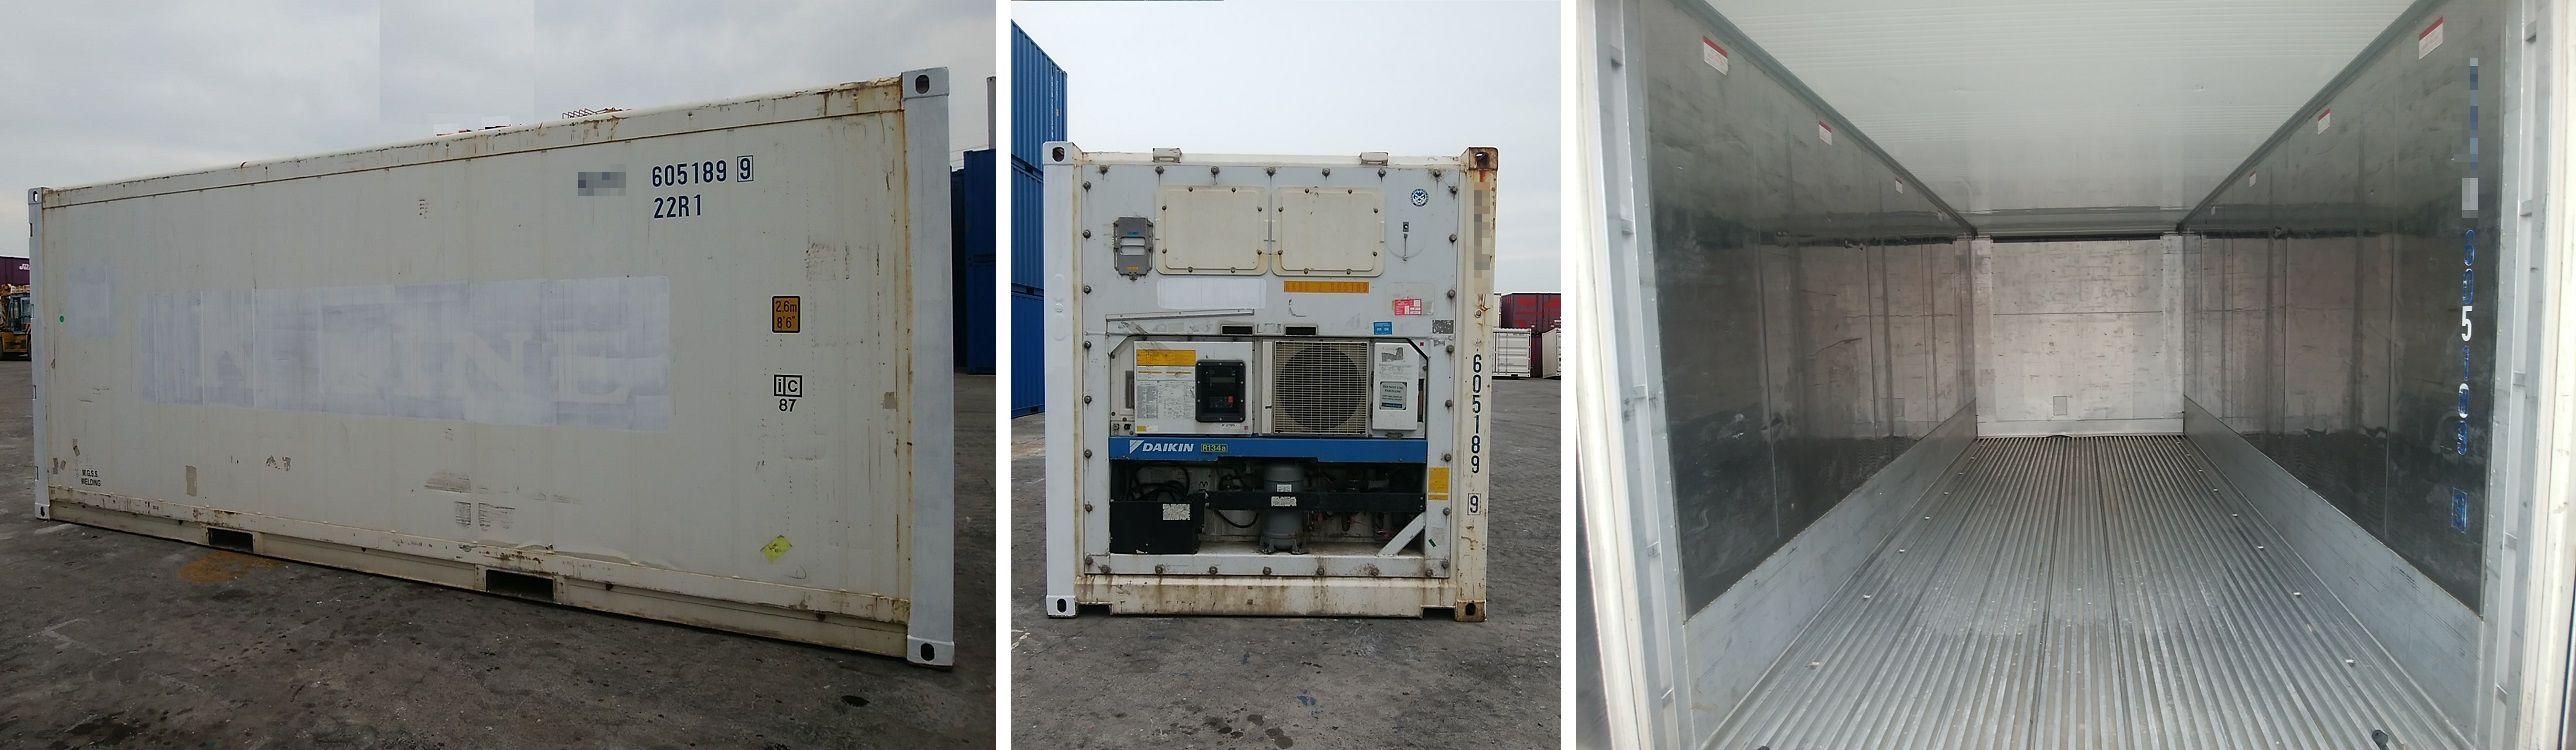 DAX コンテナ販売 購入サポート 中古 海上ISOドライコンテナ 20ftリーファーコンテナ